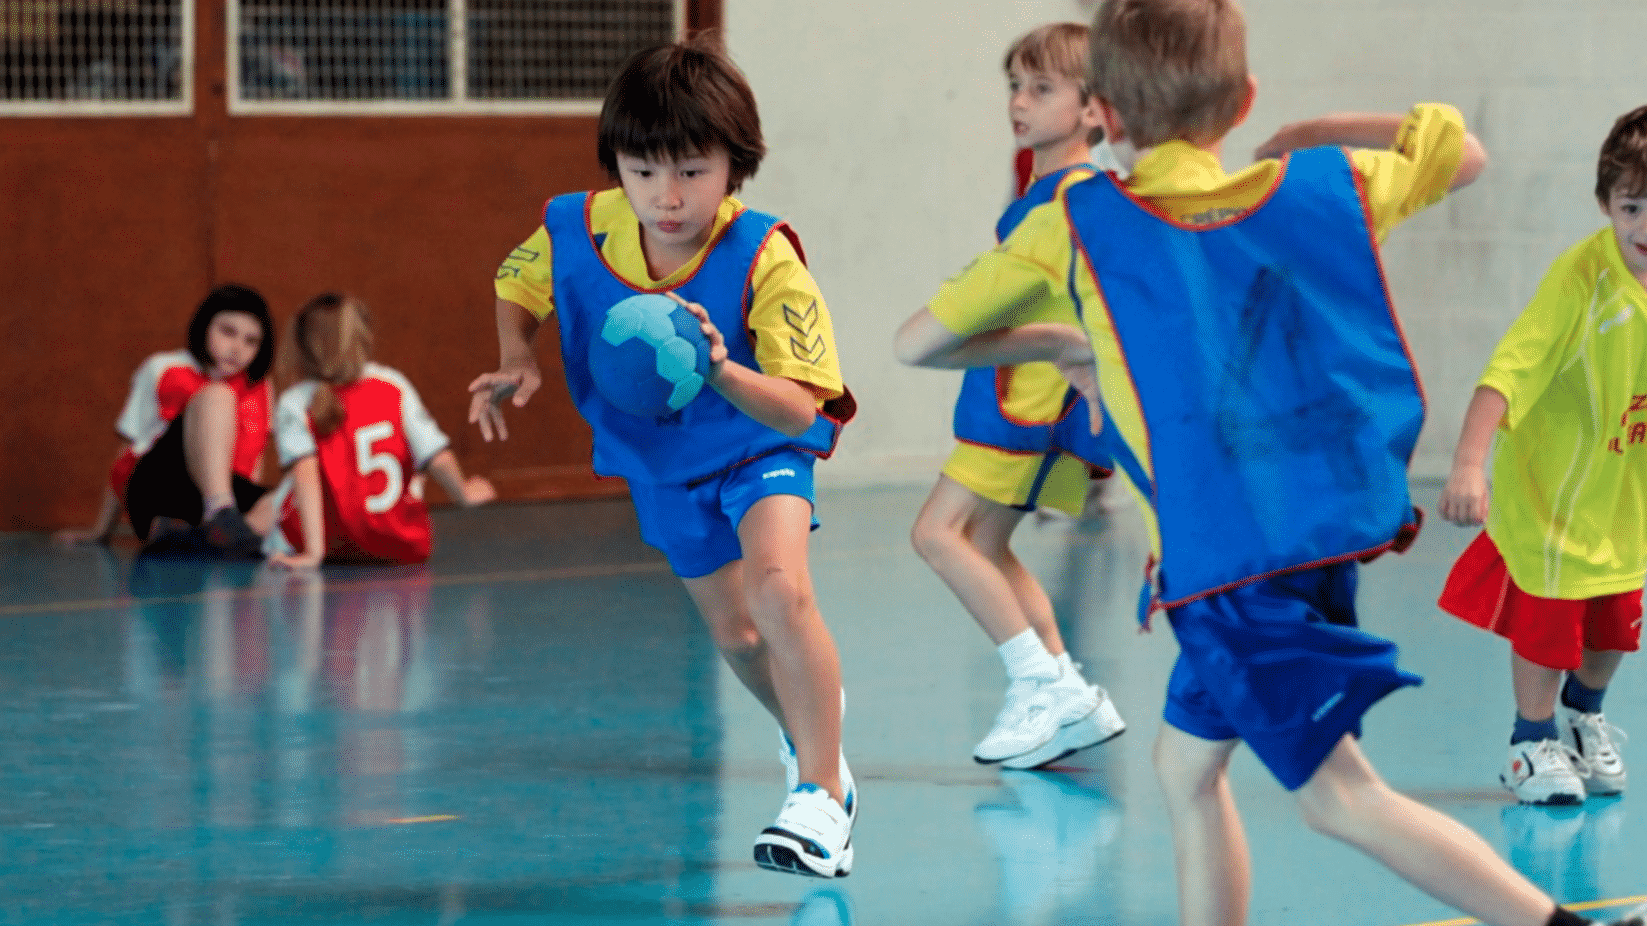 quelles-chaussures-de-handball-choisir-pour-les-enfants-1